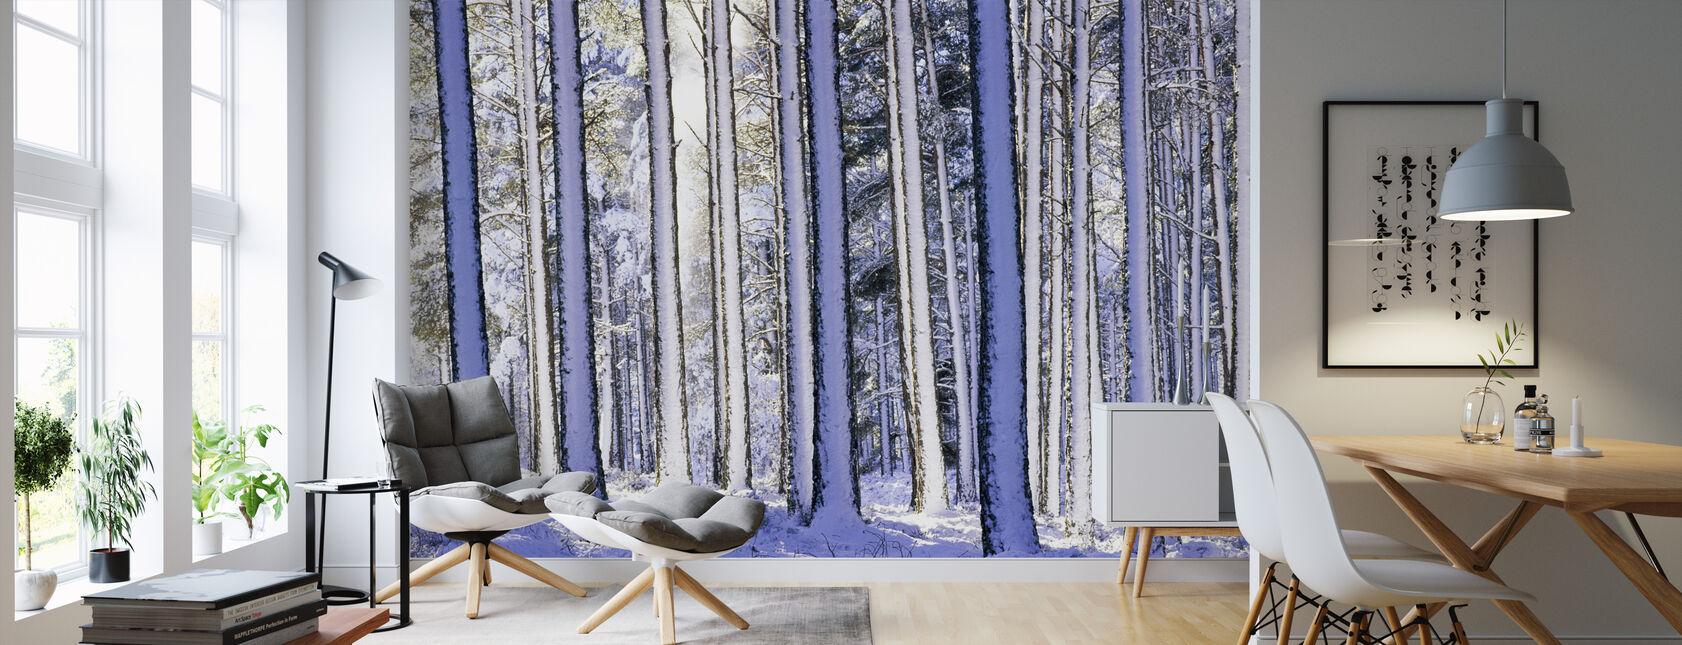 Foresta invernale - Carta da parati - Salotto